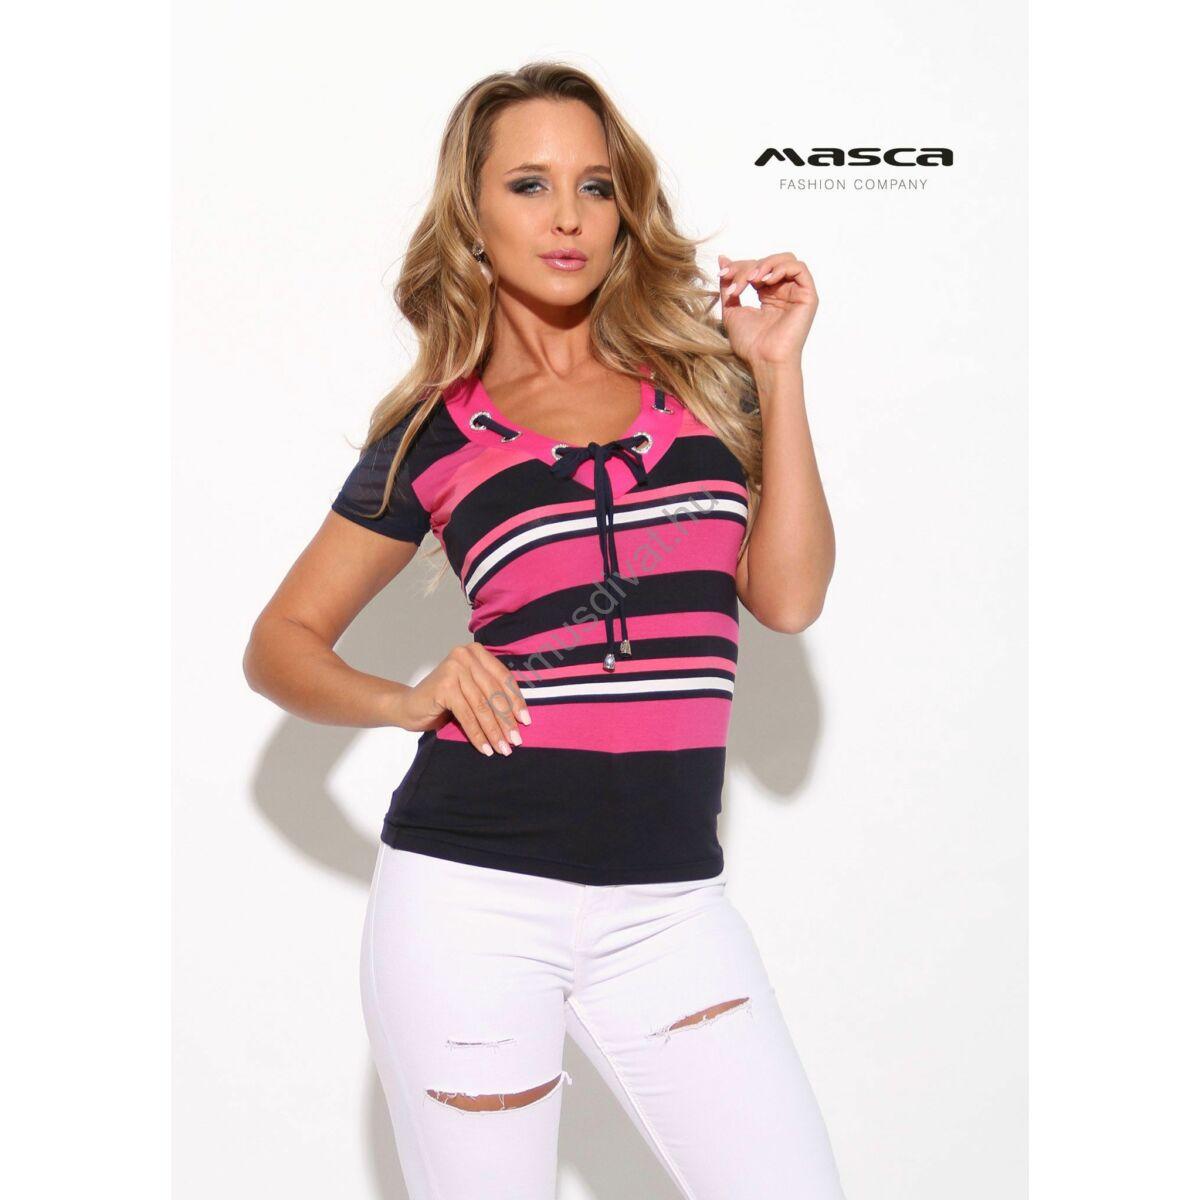 a330c8d200 Kép 1/1 - Masca Fashion ékszerkarikás fűzős V-nyakú pink-sötétkék csíkos rövid  ujjú felső